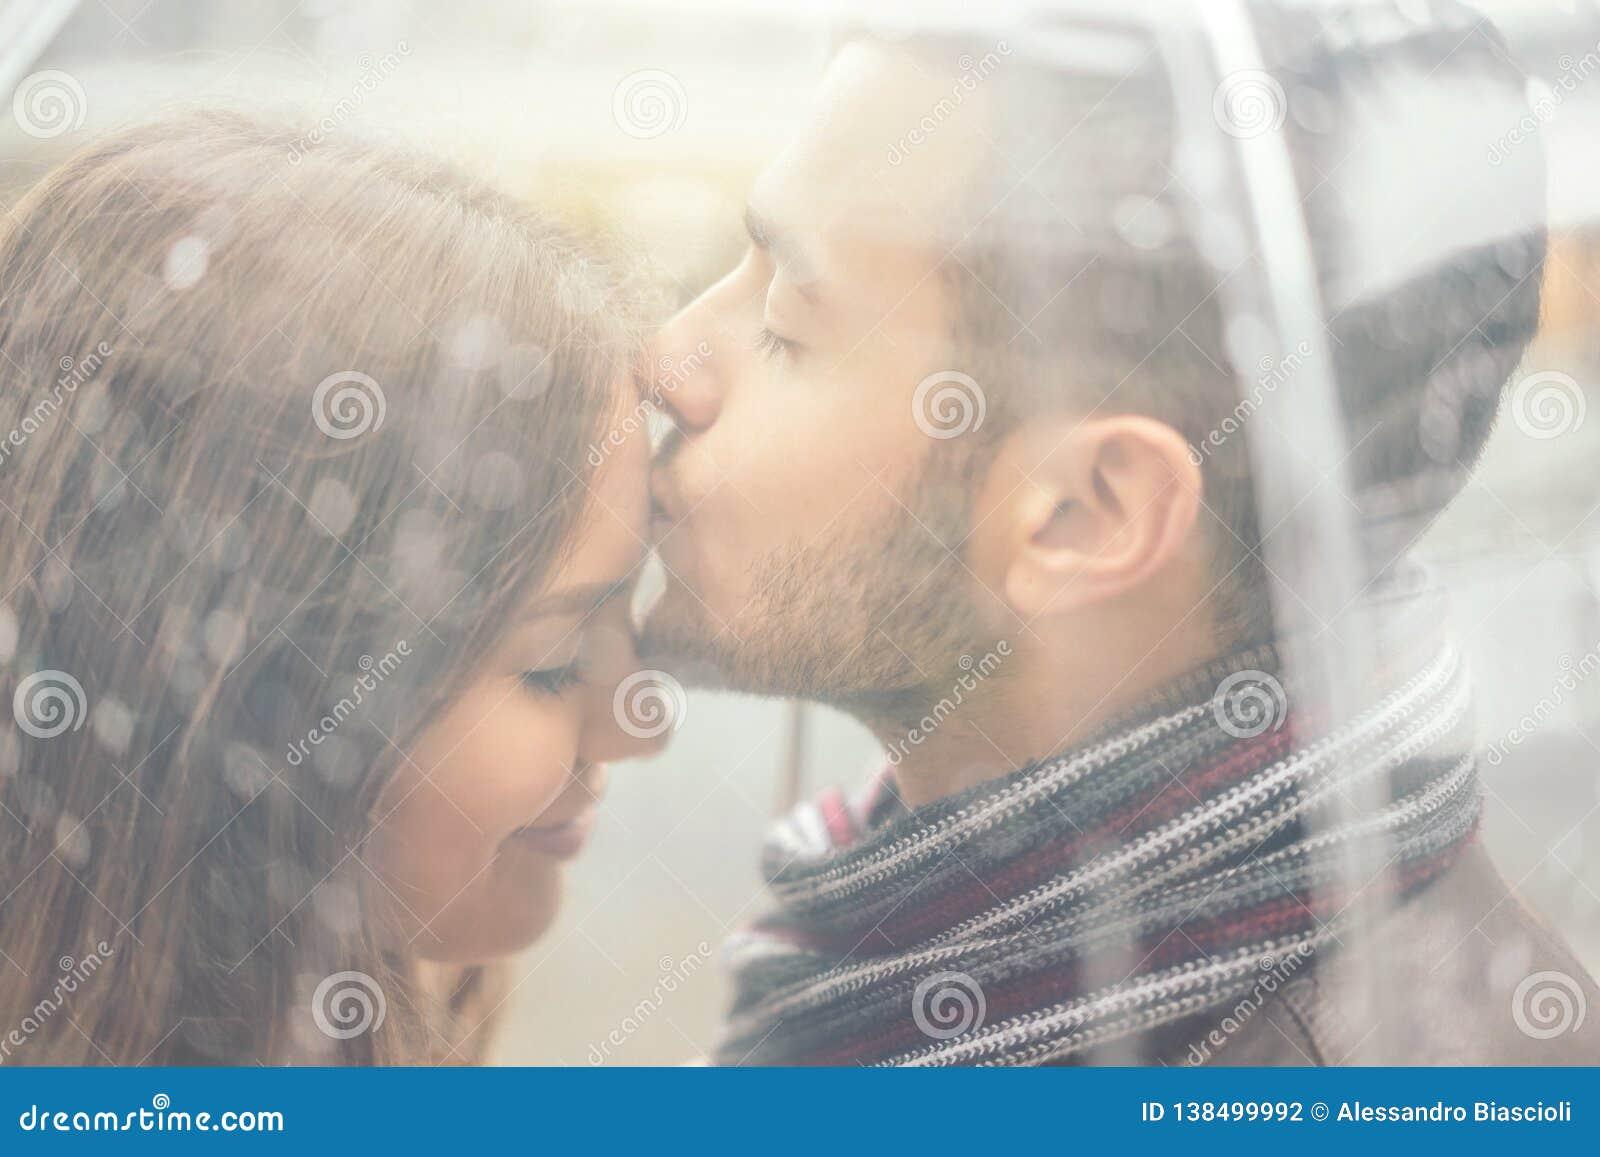 Piękni potomstwa dobierają się mieć romantycznego czułego moment pod deszczem - Przystojny mężczyzna całuje jego dziewczyny czoło